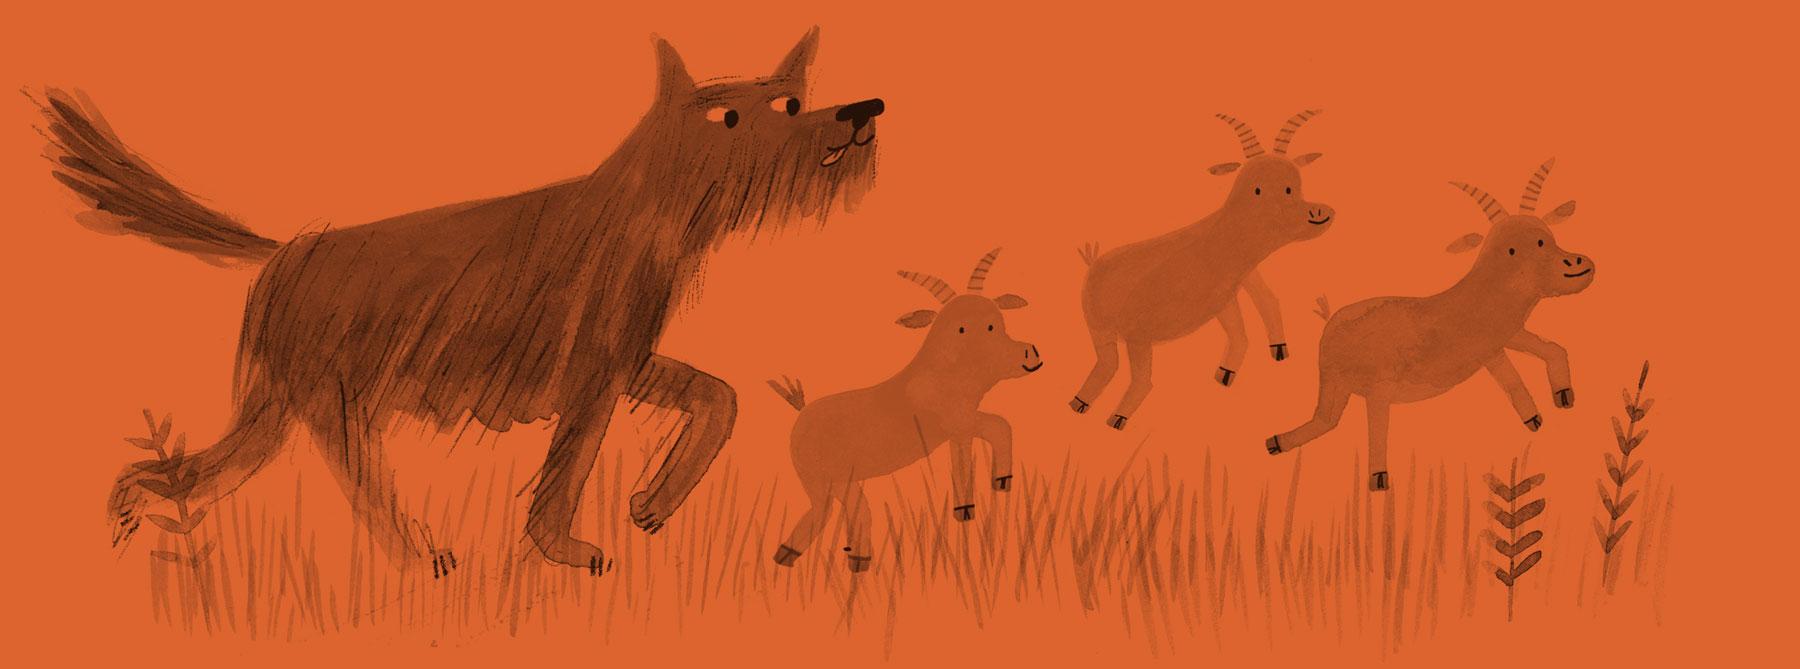 Meg-Rosoff---McTavish-Goes-Wild-page-080-081-dog+goats-orange-lg.jpg